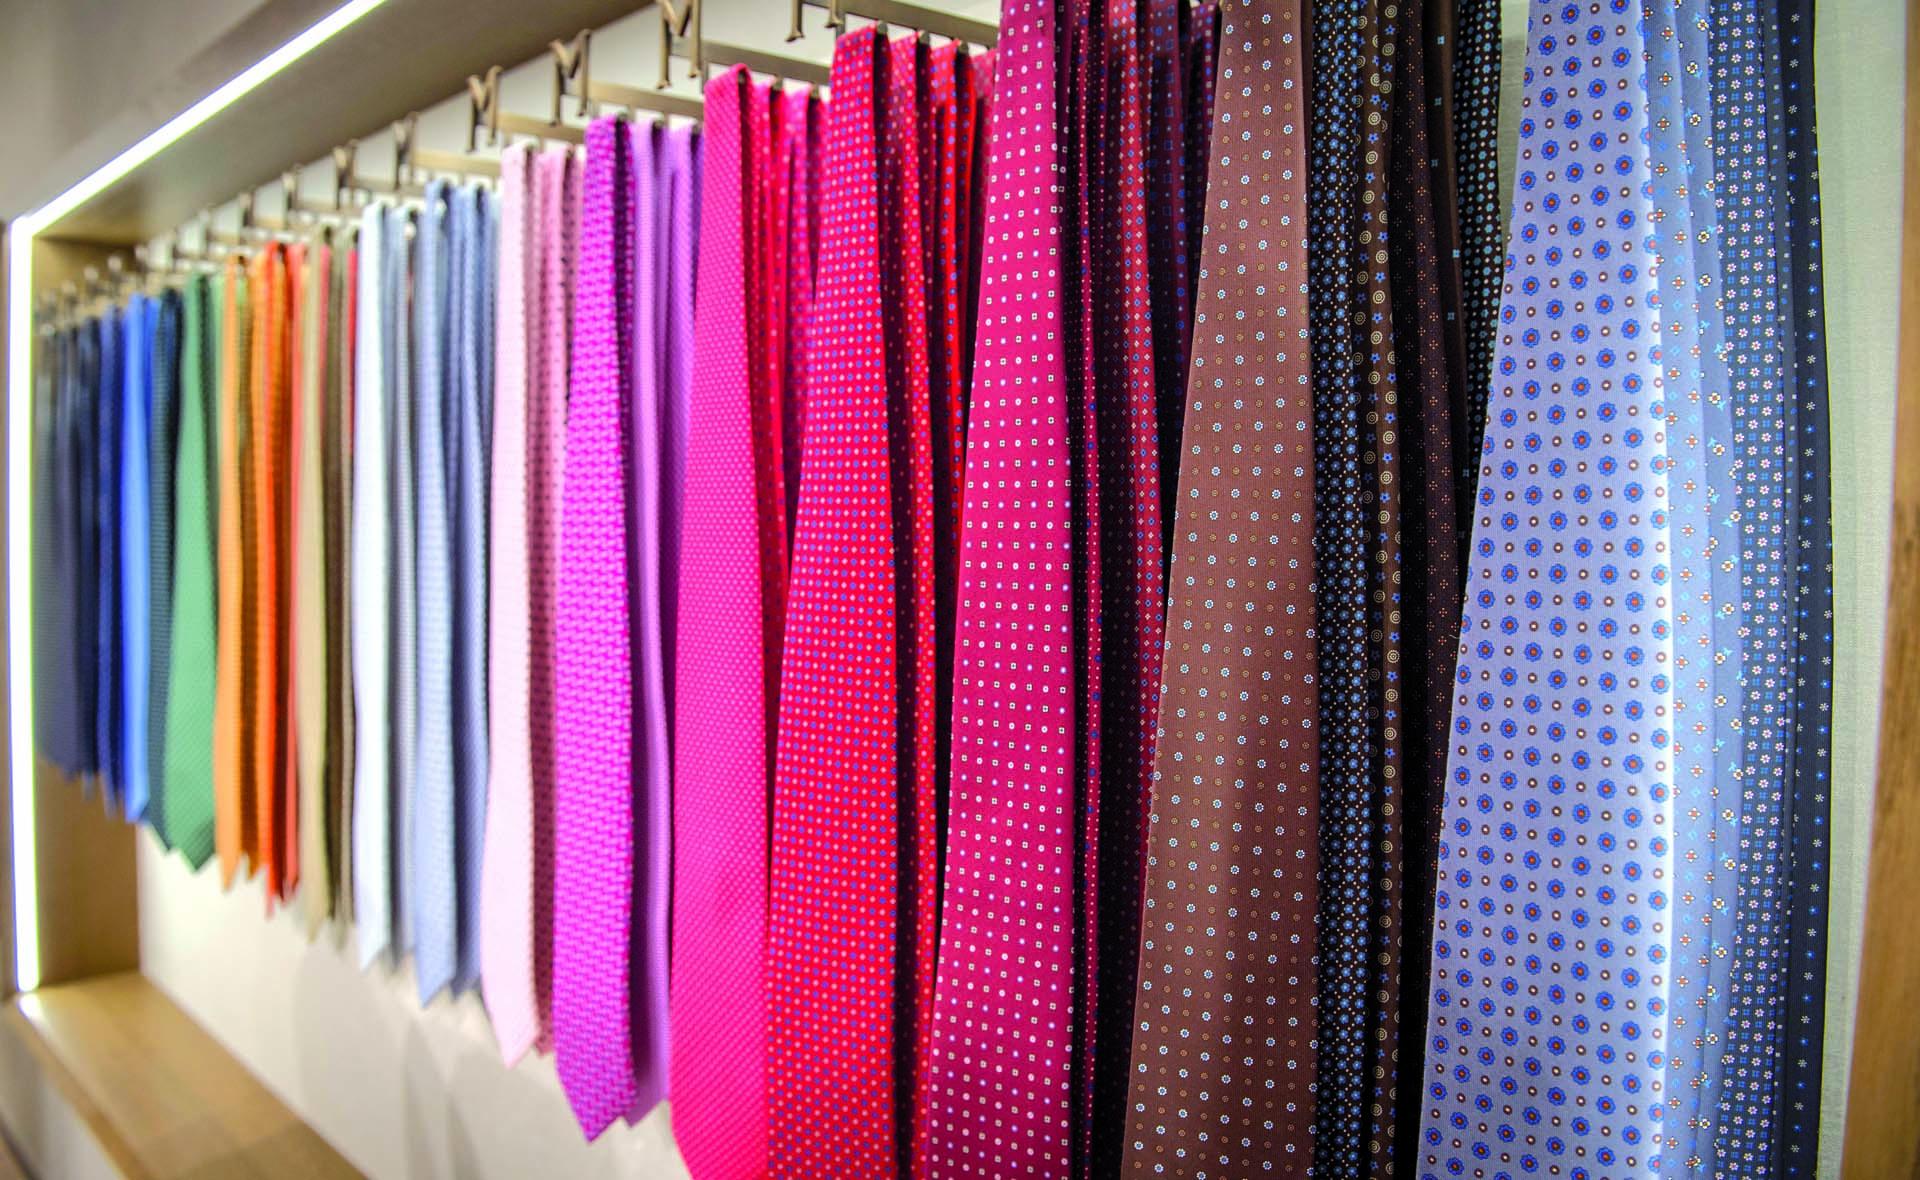 acquisto autentico bene fuori x la più grande selezione di E. Marinella: sua maestà la cravatta - LuxuryRome - shopping ...